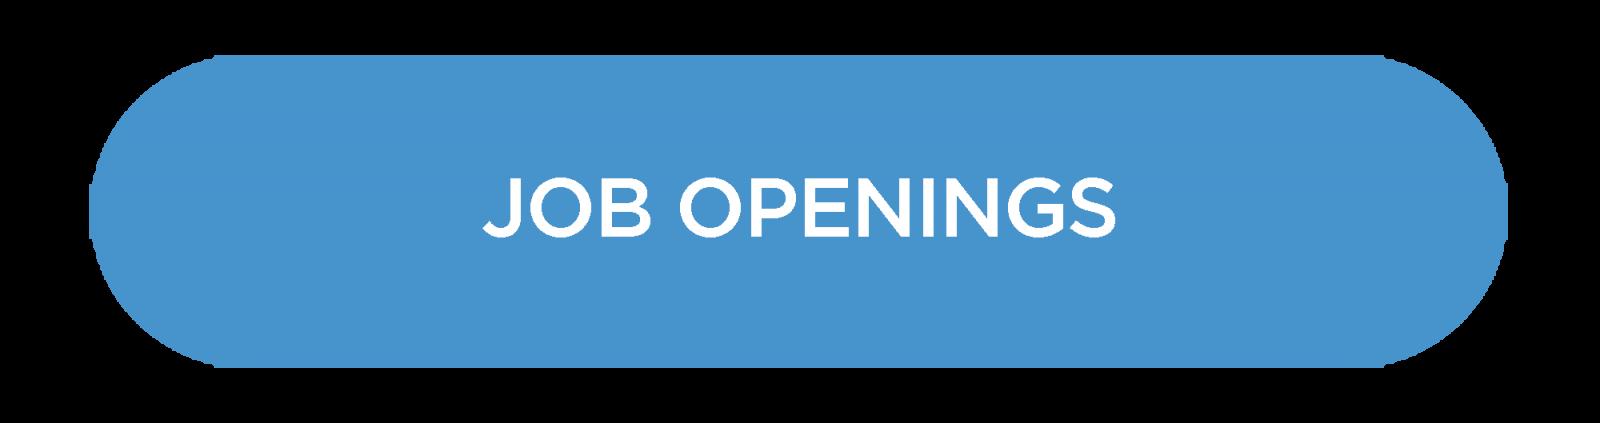 Job openings CTA